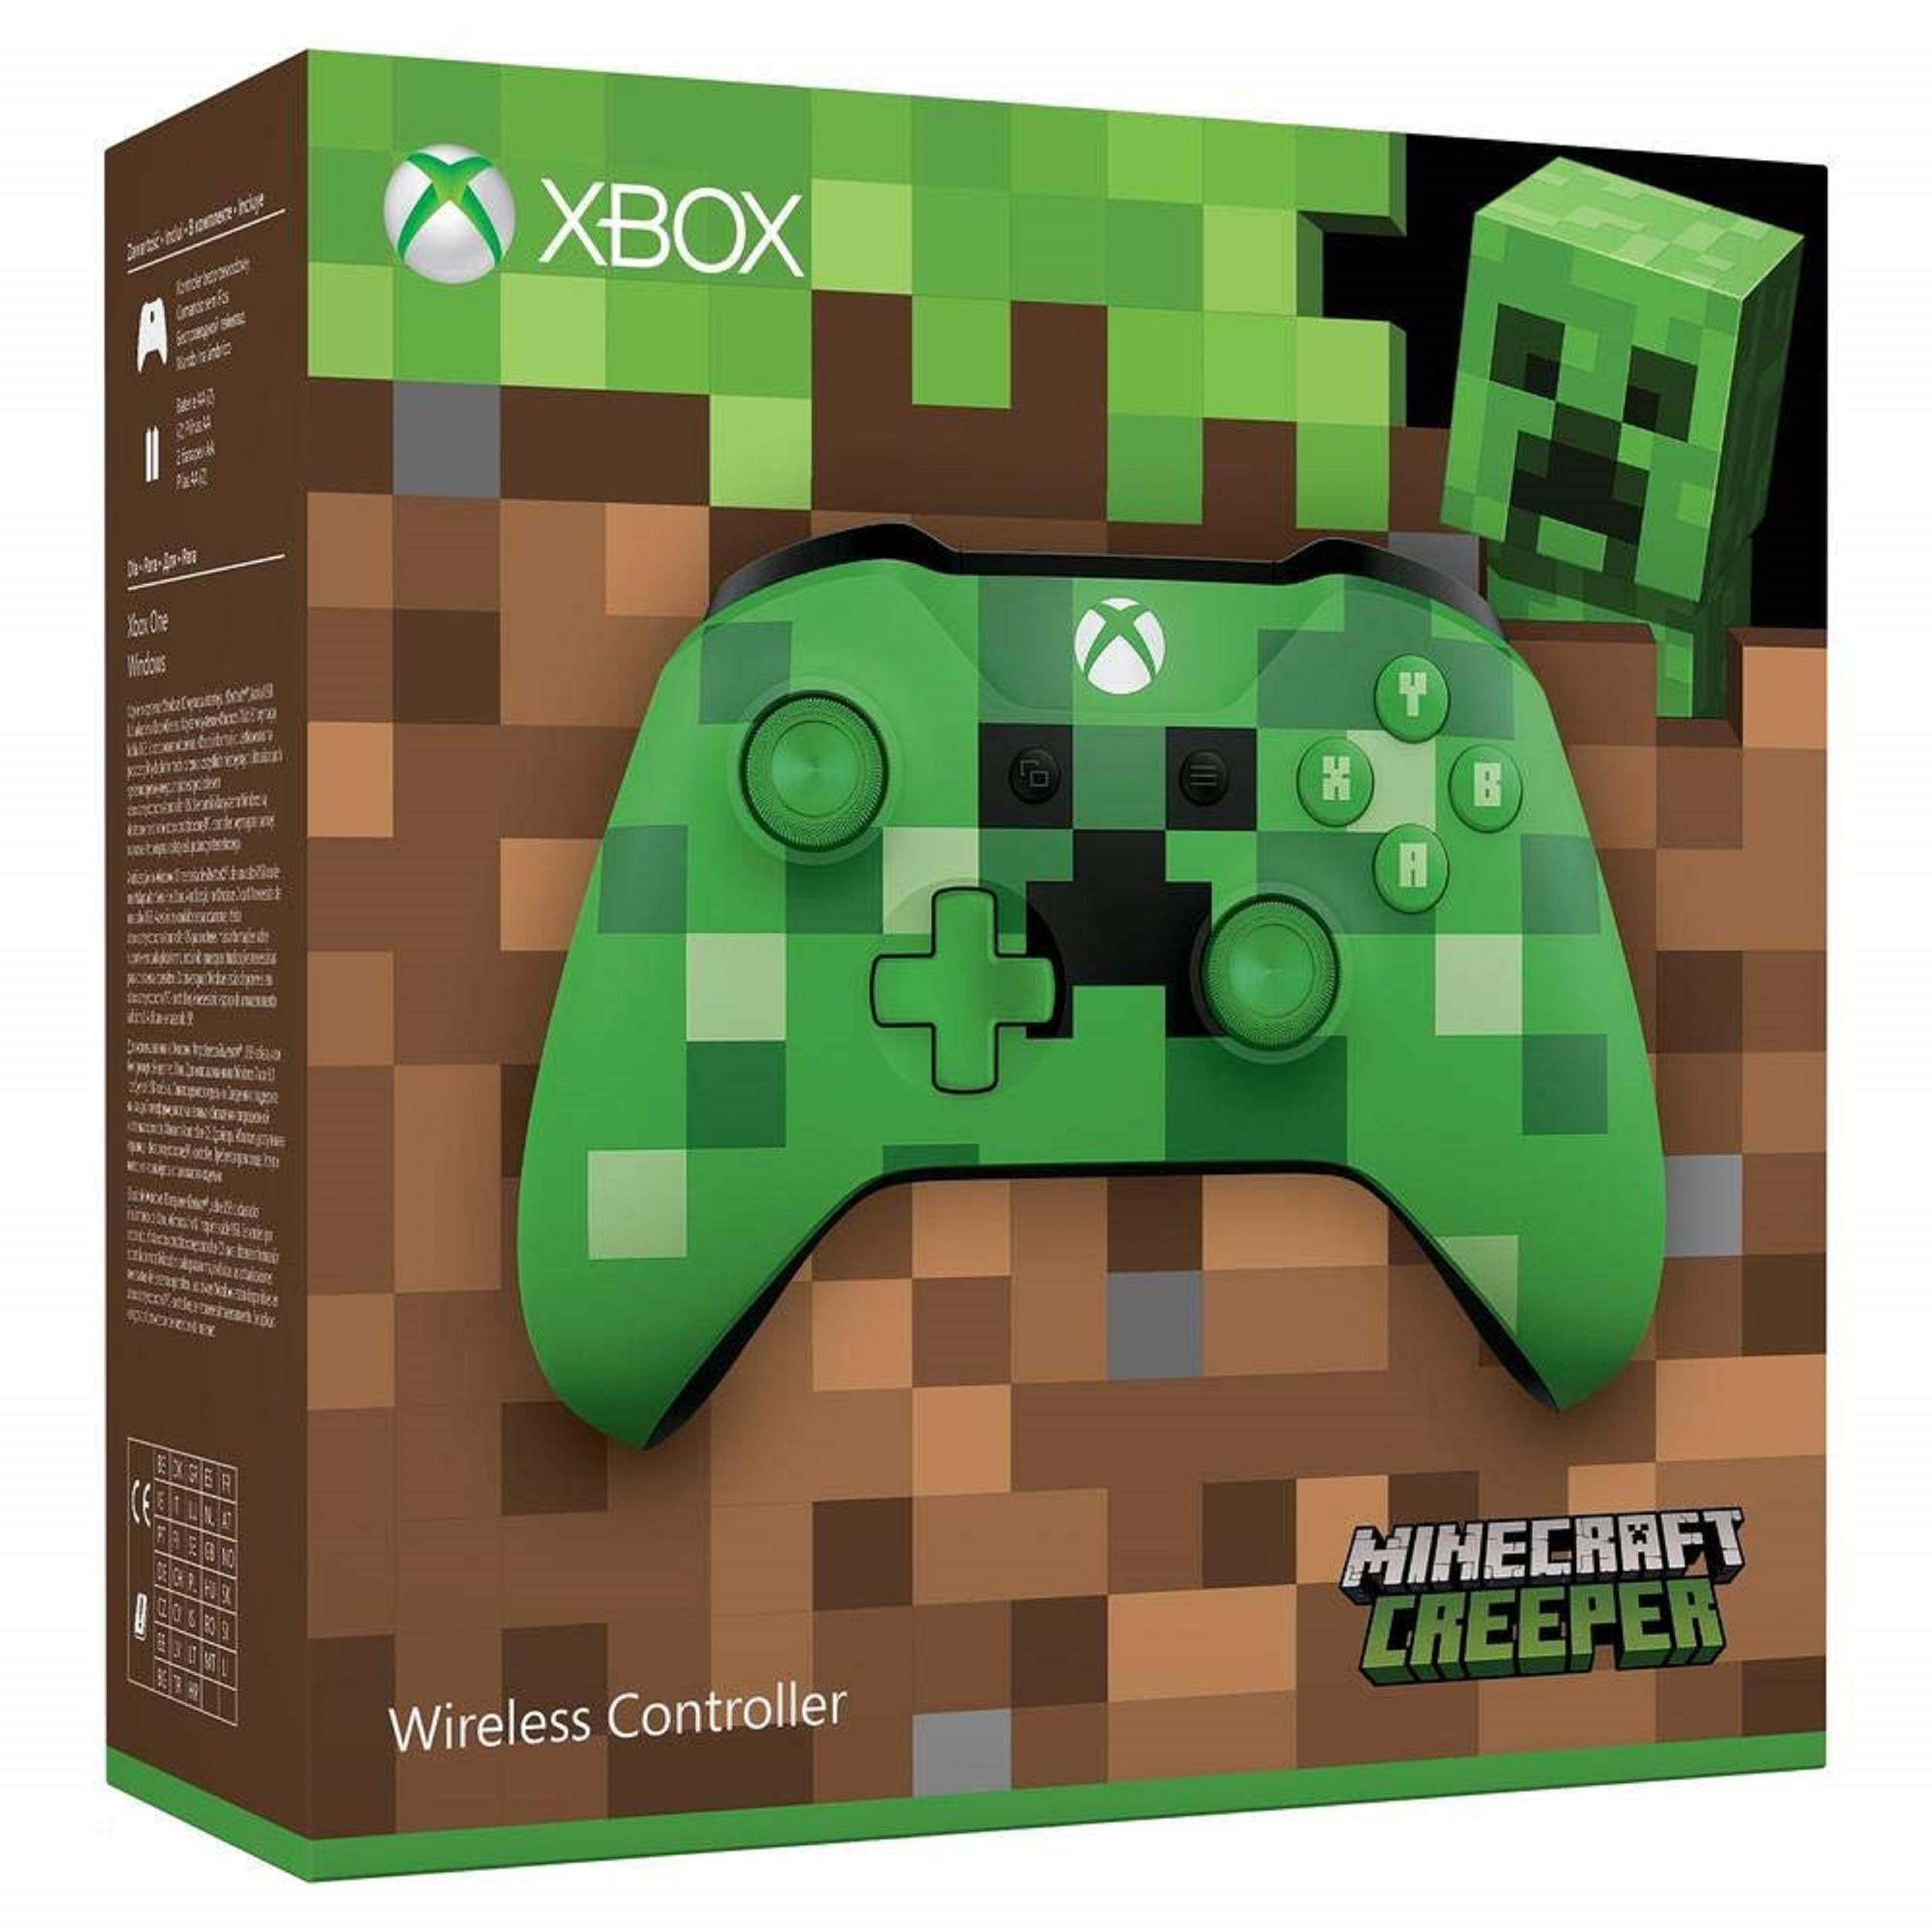 Microsoft - Mando Inalámbrico: Edición Limitada Minecraft Creeper (Xbox One), verde: Microsoft: Amazon.es: Videojuegos